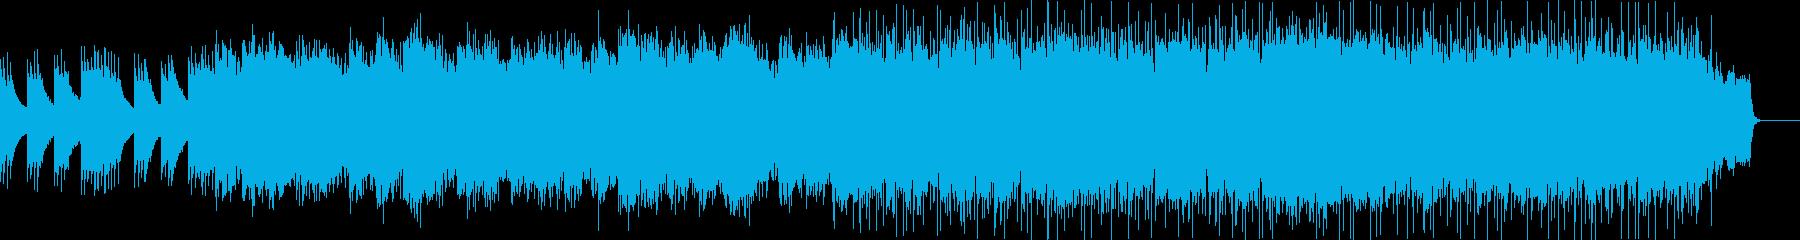 ゆったりとエキゾチックな雰囲気のBGMの再生済みの波形